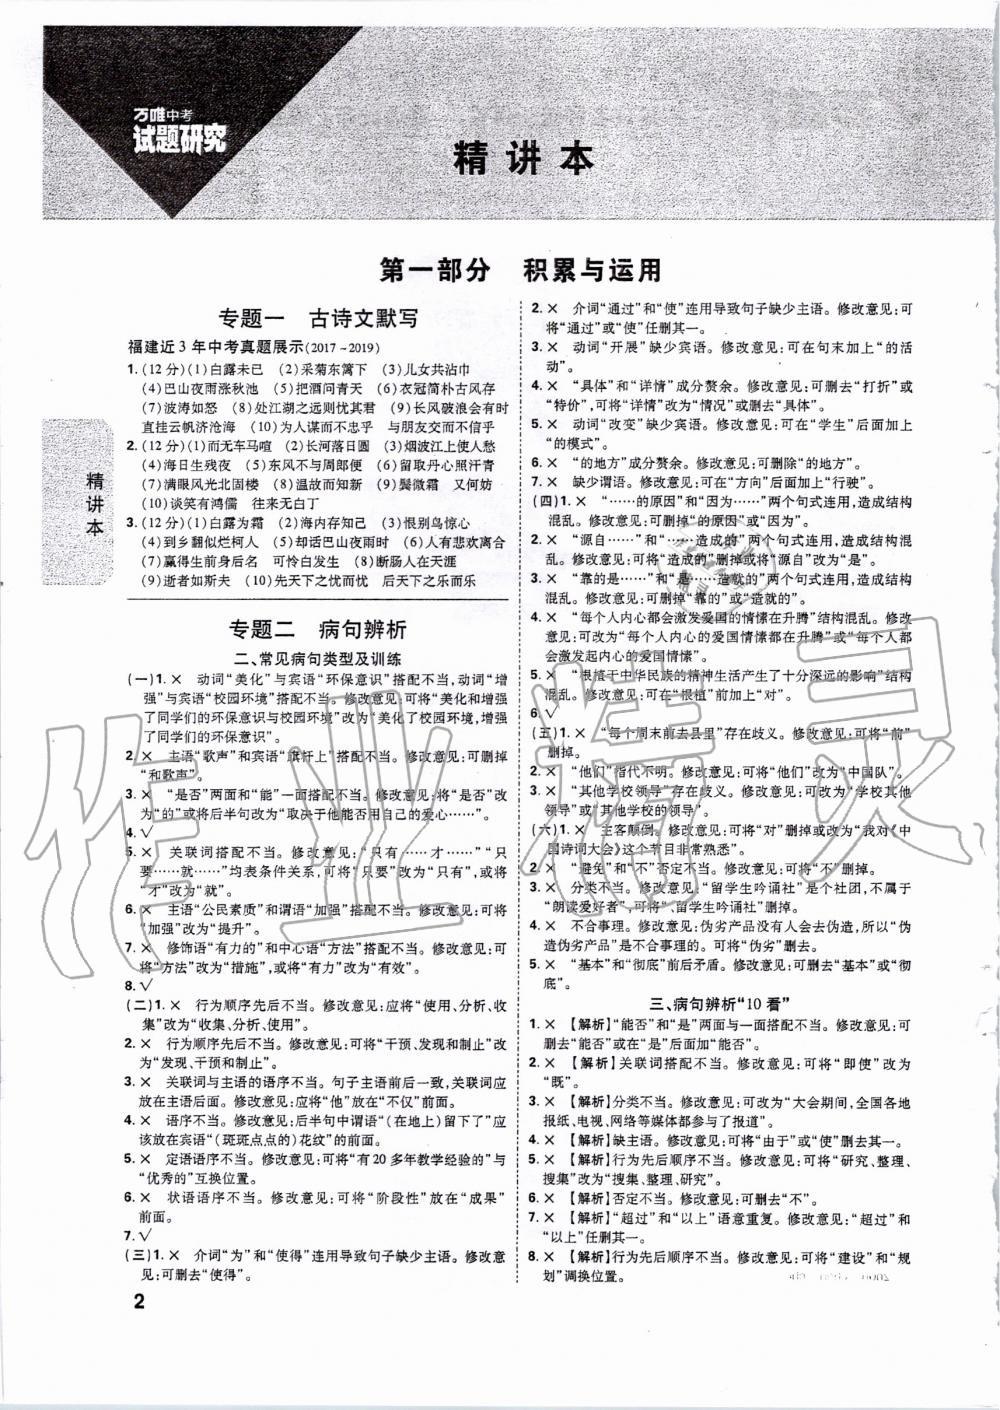 2020年万唯教育中考试题研究语文福建专版第1页